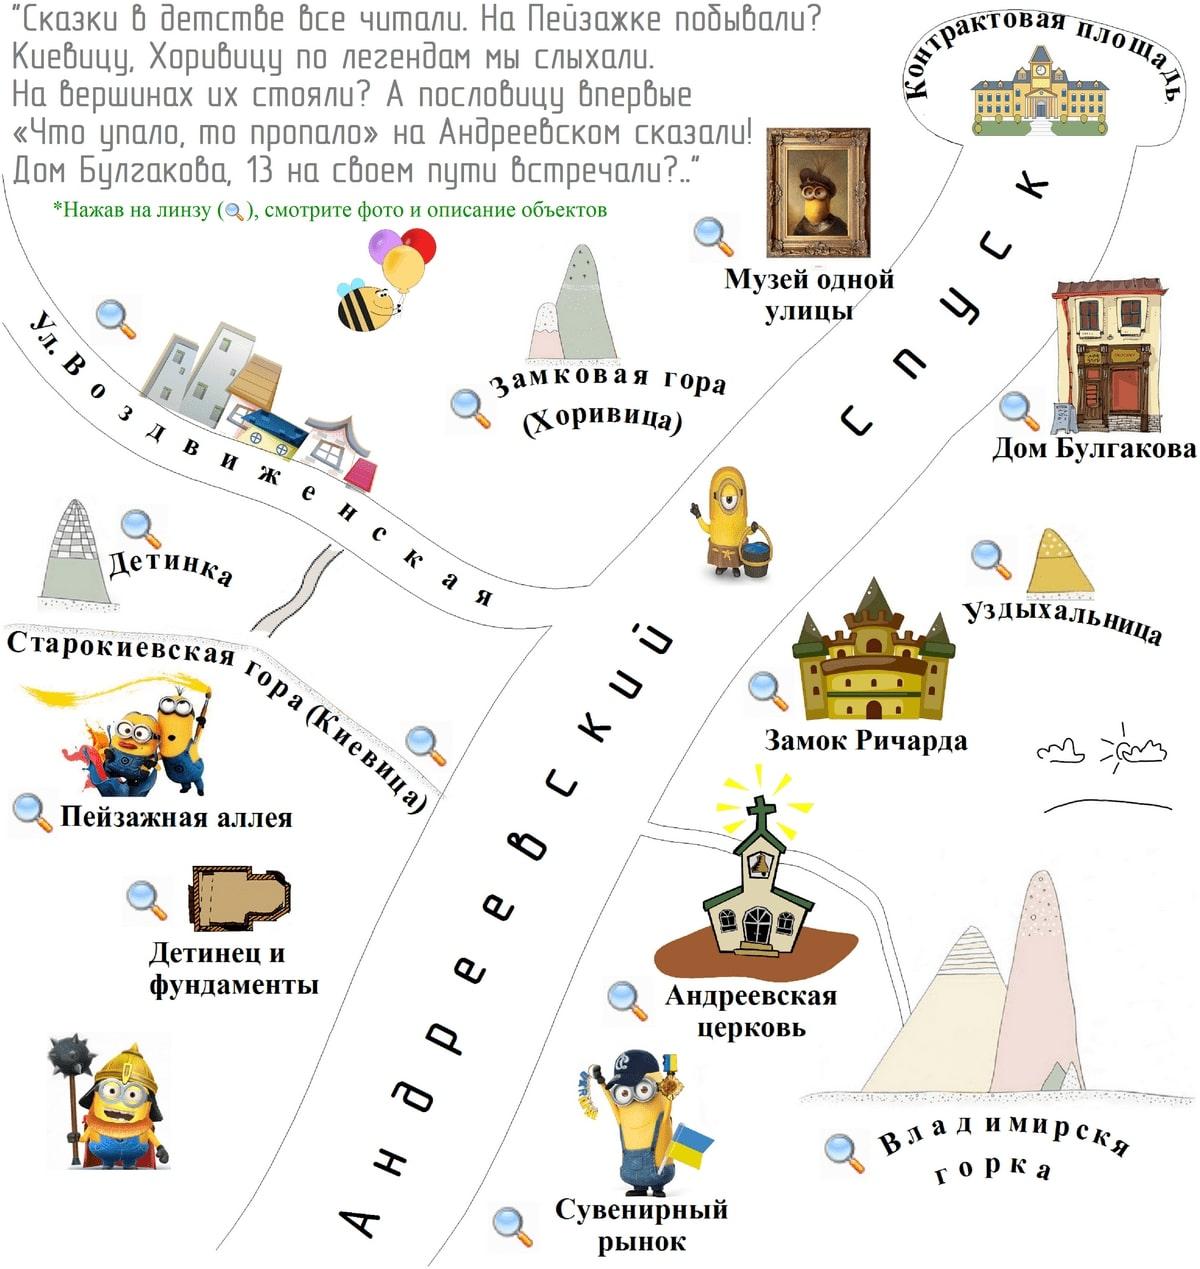 Экскурсия по Андреевскому спуску